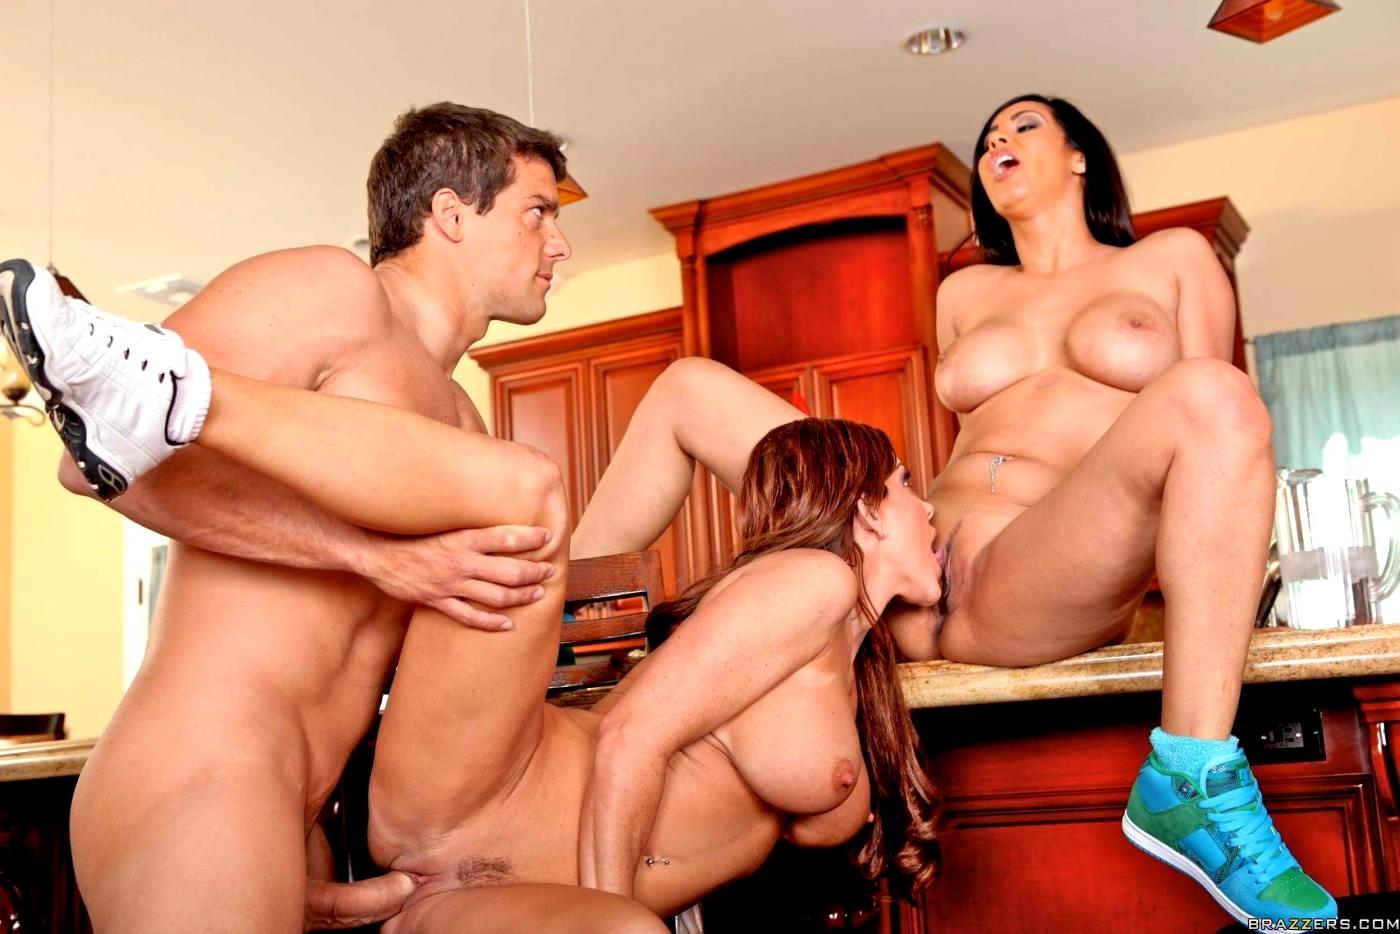 бразерс порно зрелых русских женщины любят сильных задрал